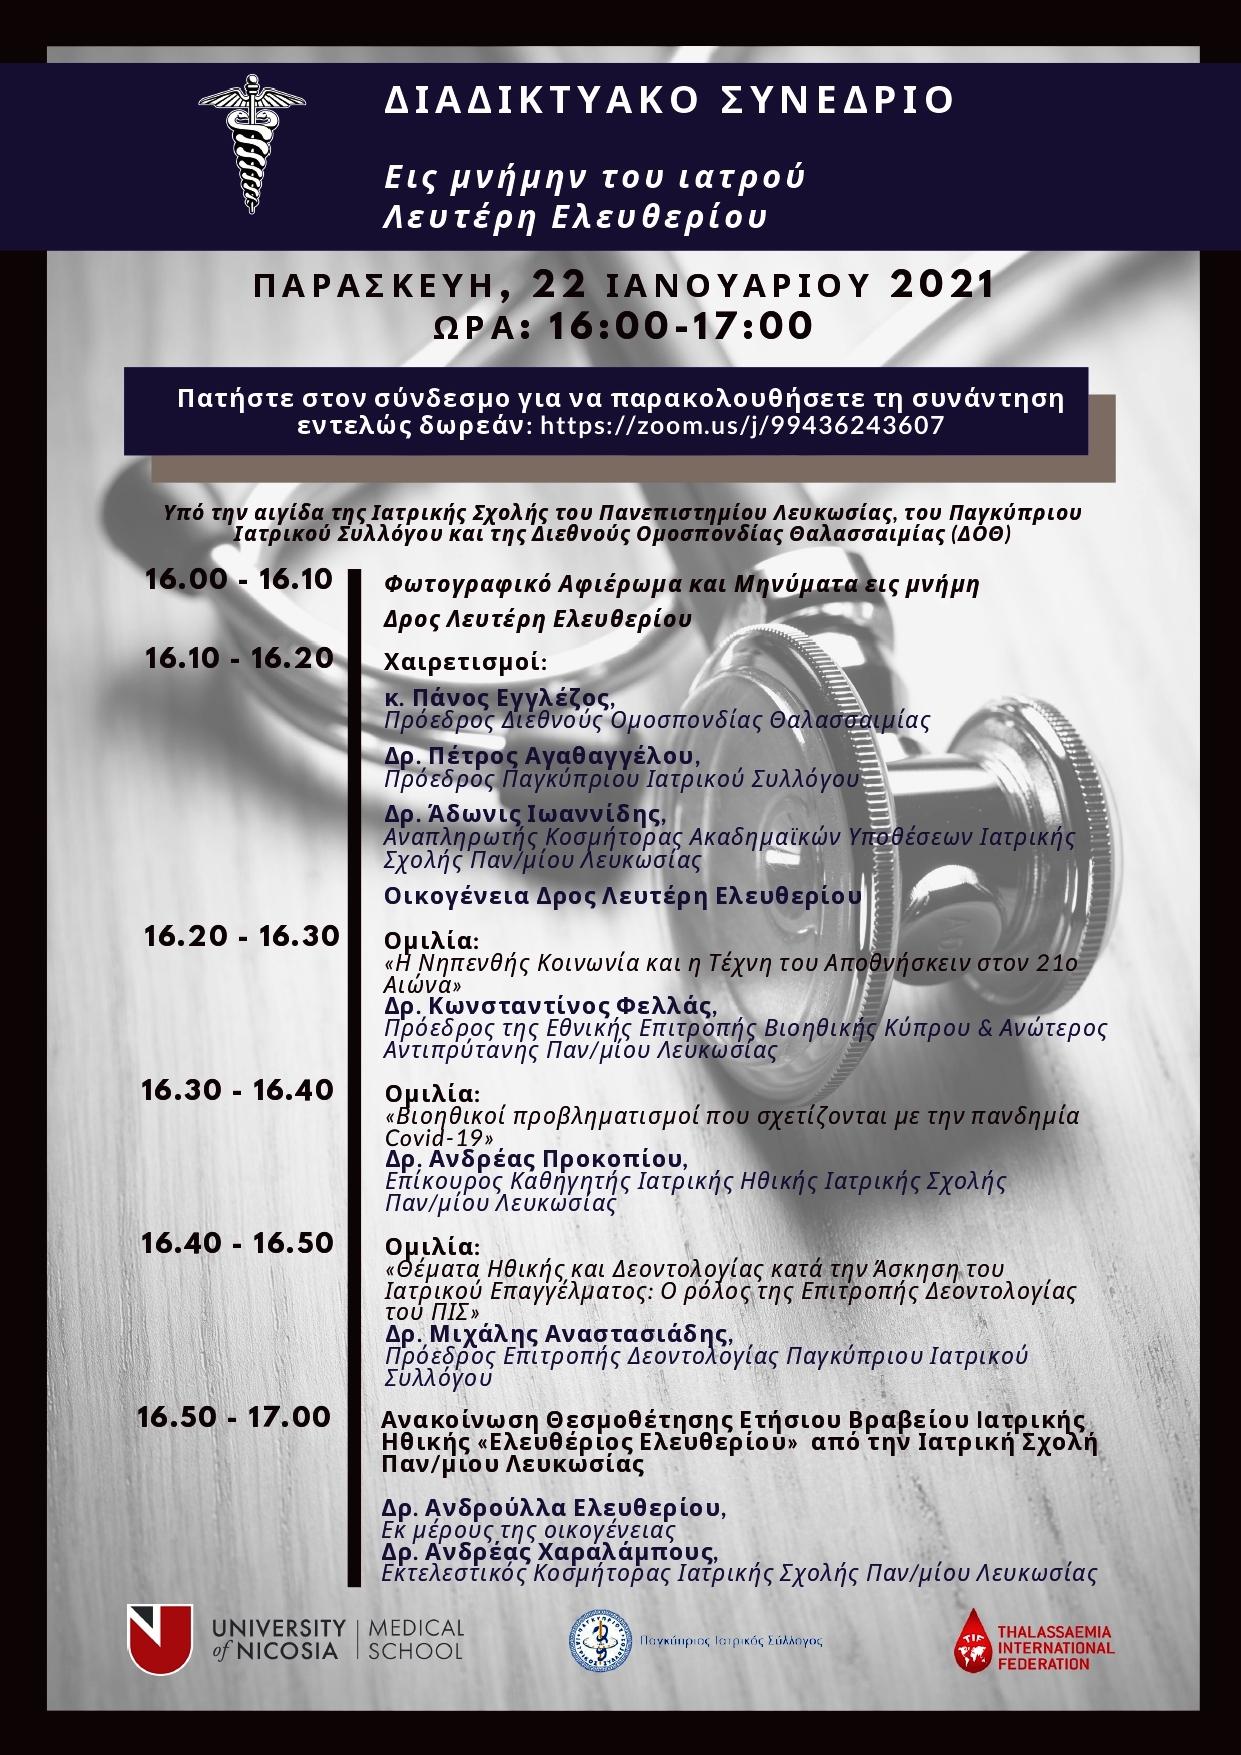 prosklisi-22-ian-2021-diadiktyako-synedrio-thalassaimias_page-0001